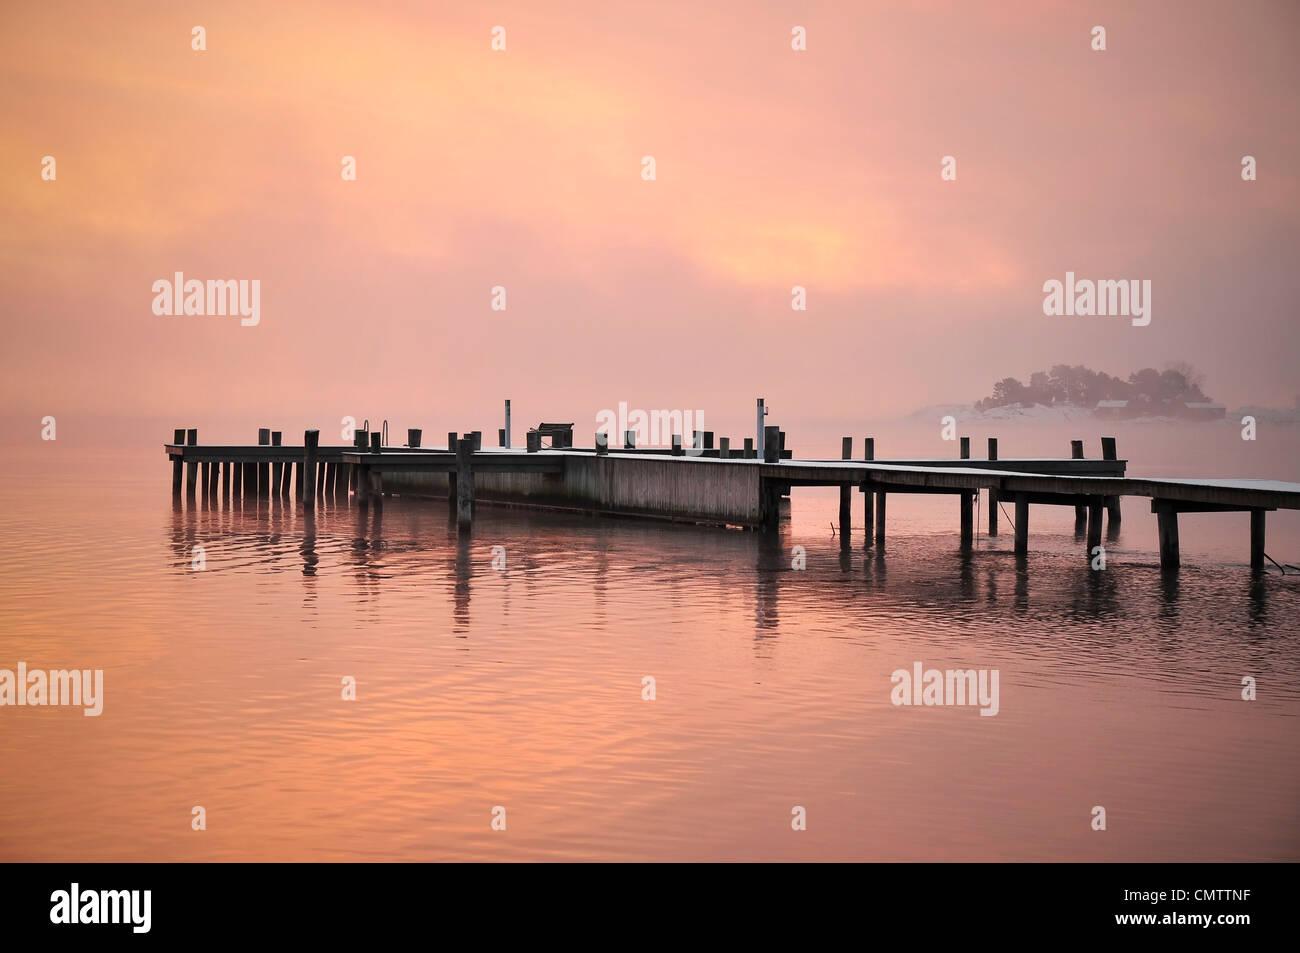 Steg, umgeben von Wasser in der Abenddämmerung Stockbild